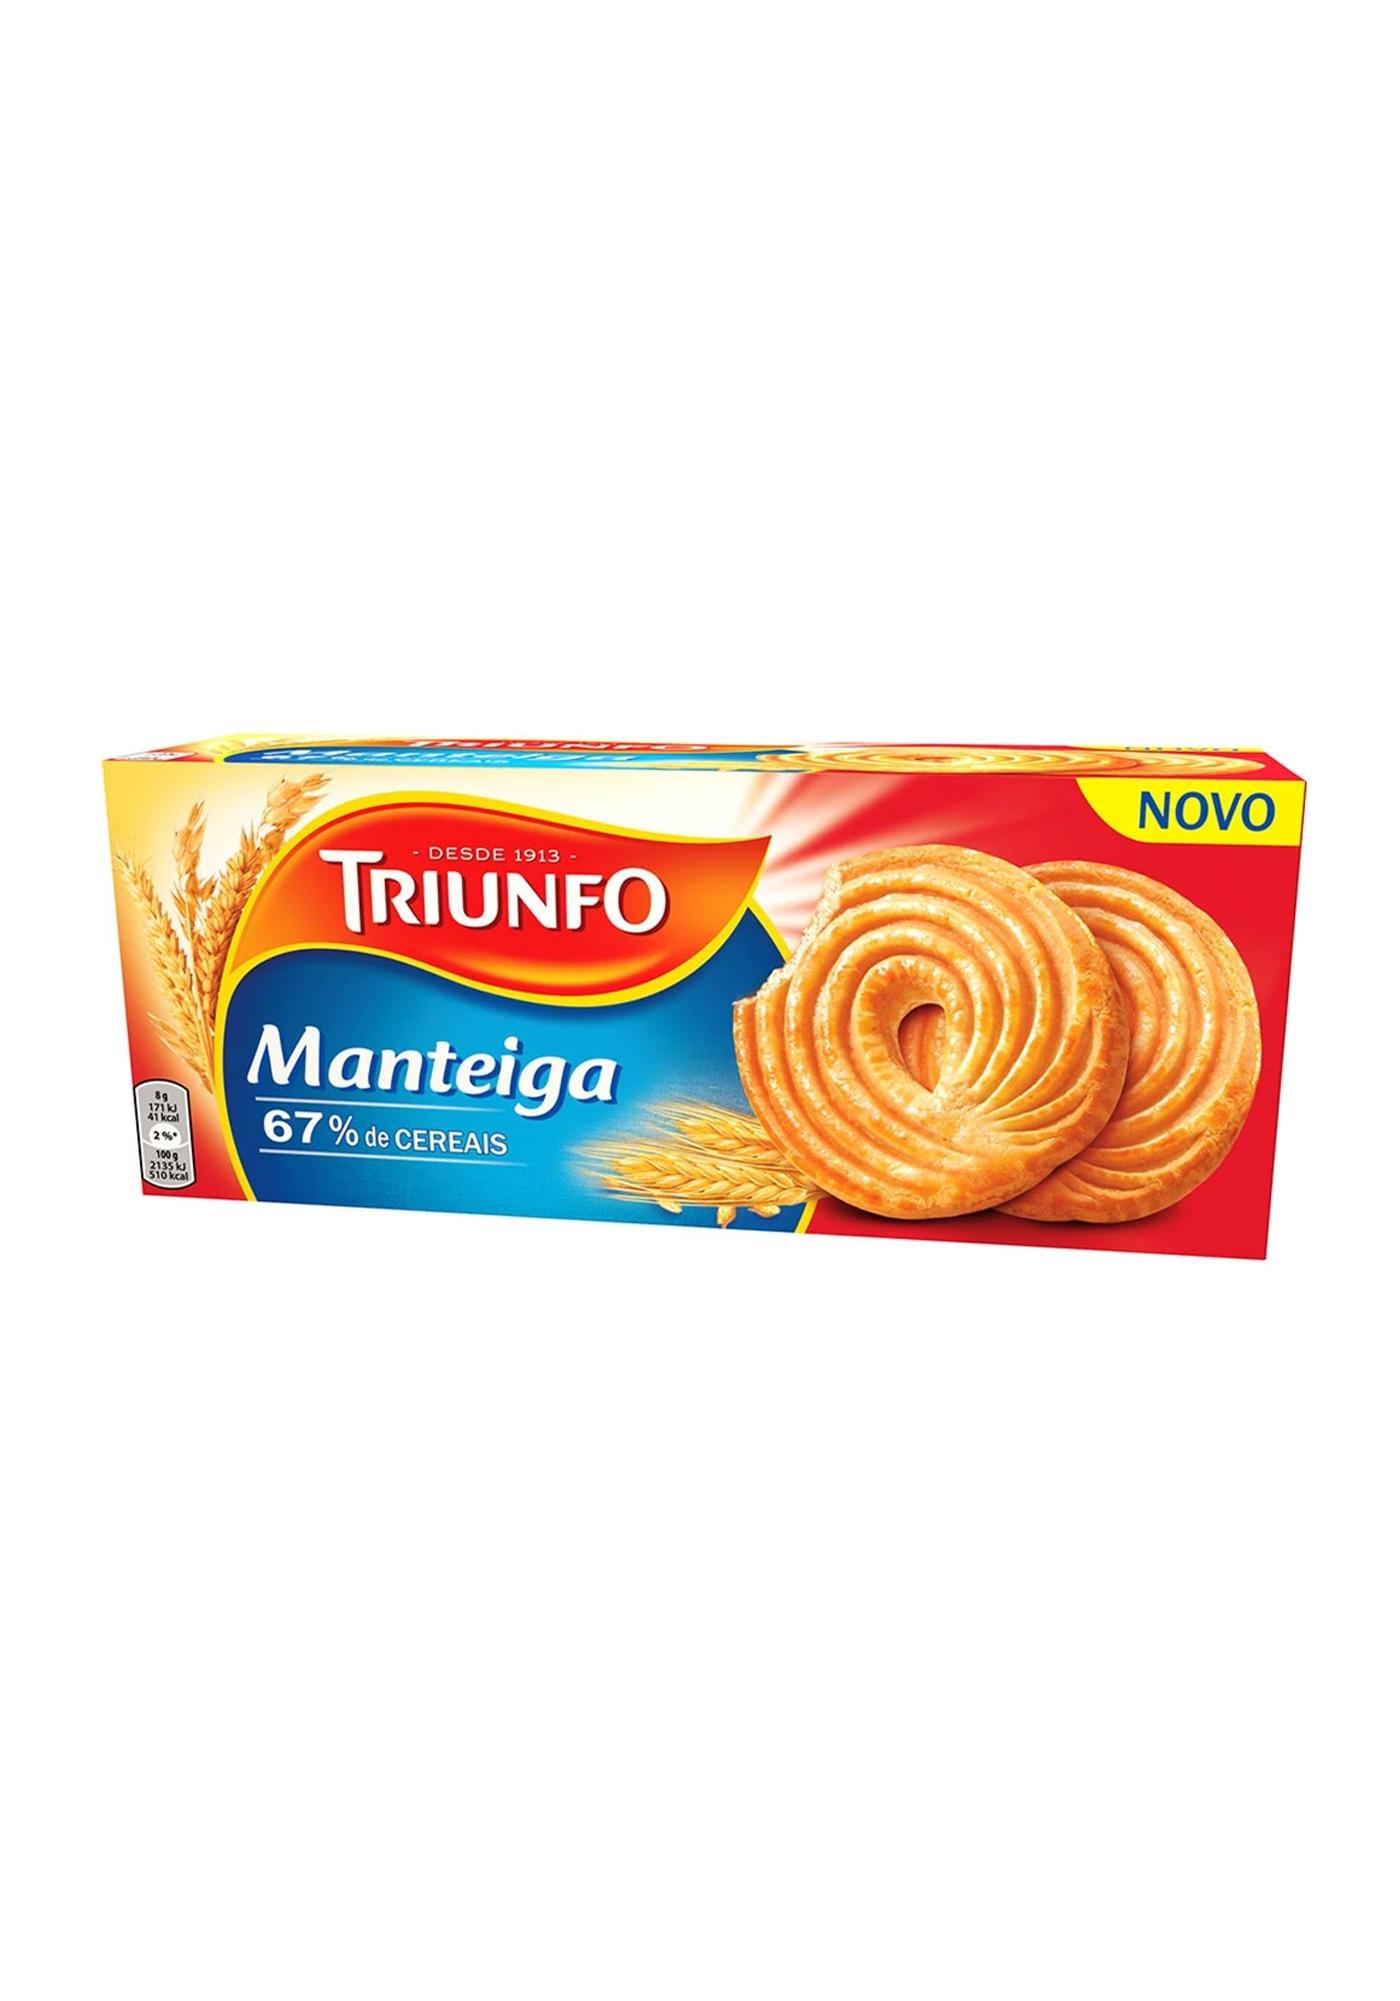 biscoito manteiga triunfo